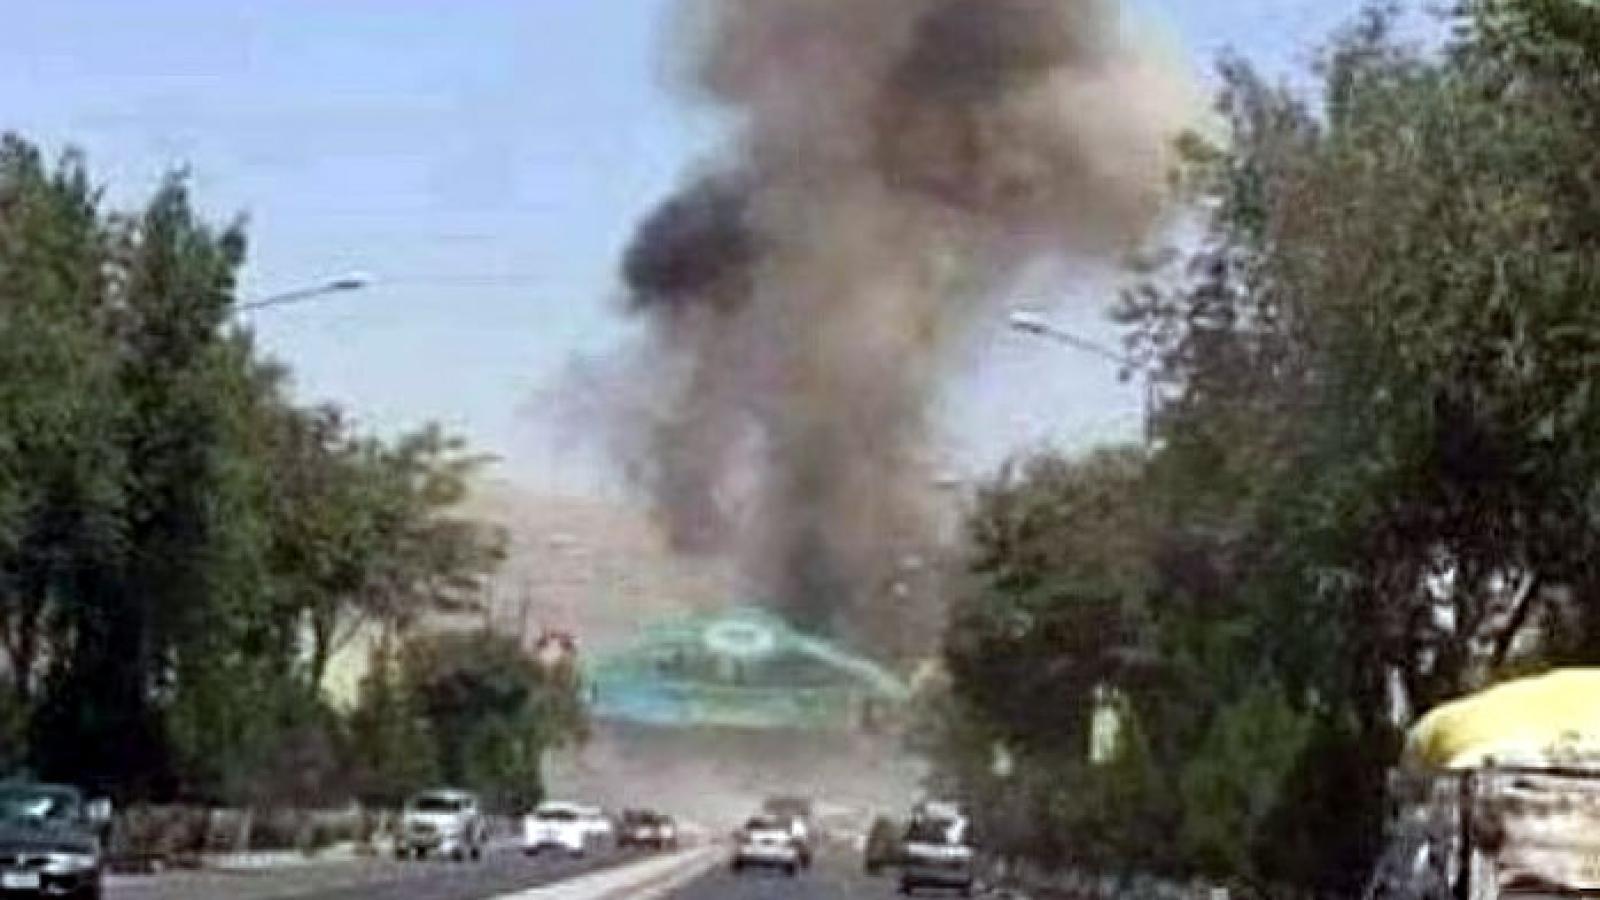 IS nhận trách nhiệm 2 vụ tấn công khủng bố, Tổng thống Mỹ tuyên bố trừng phạt